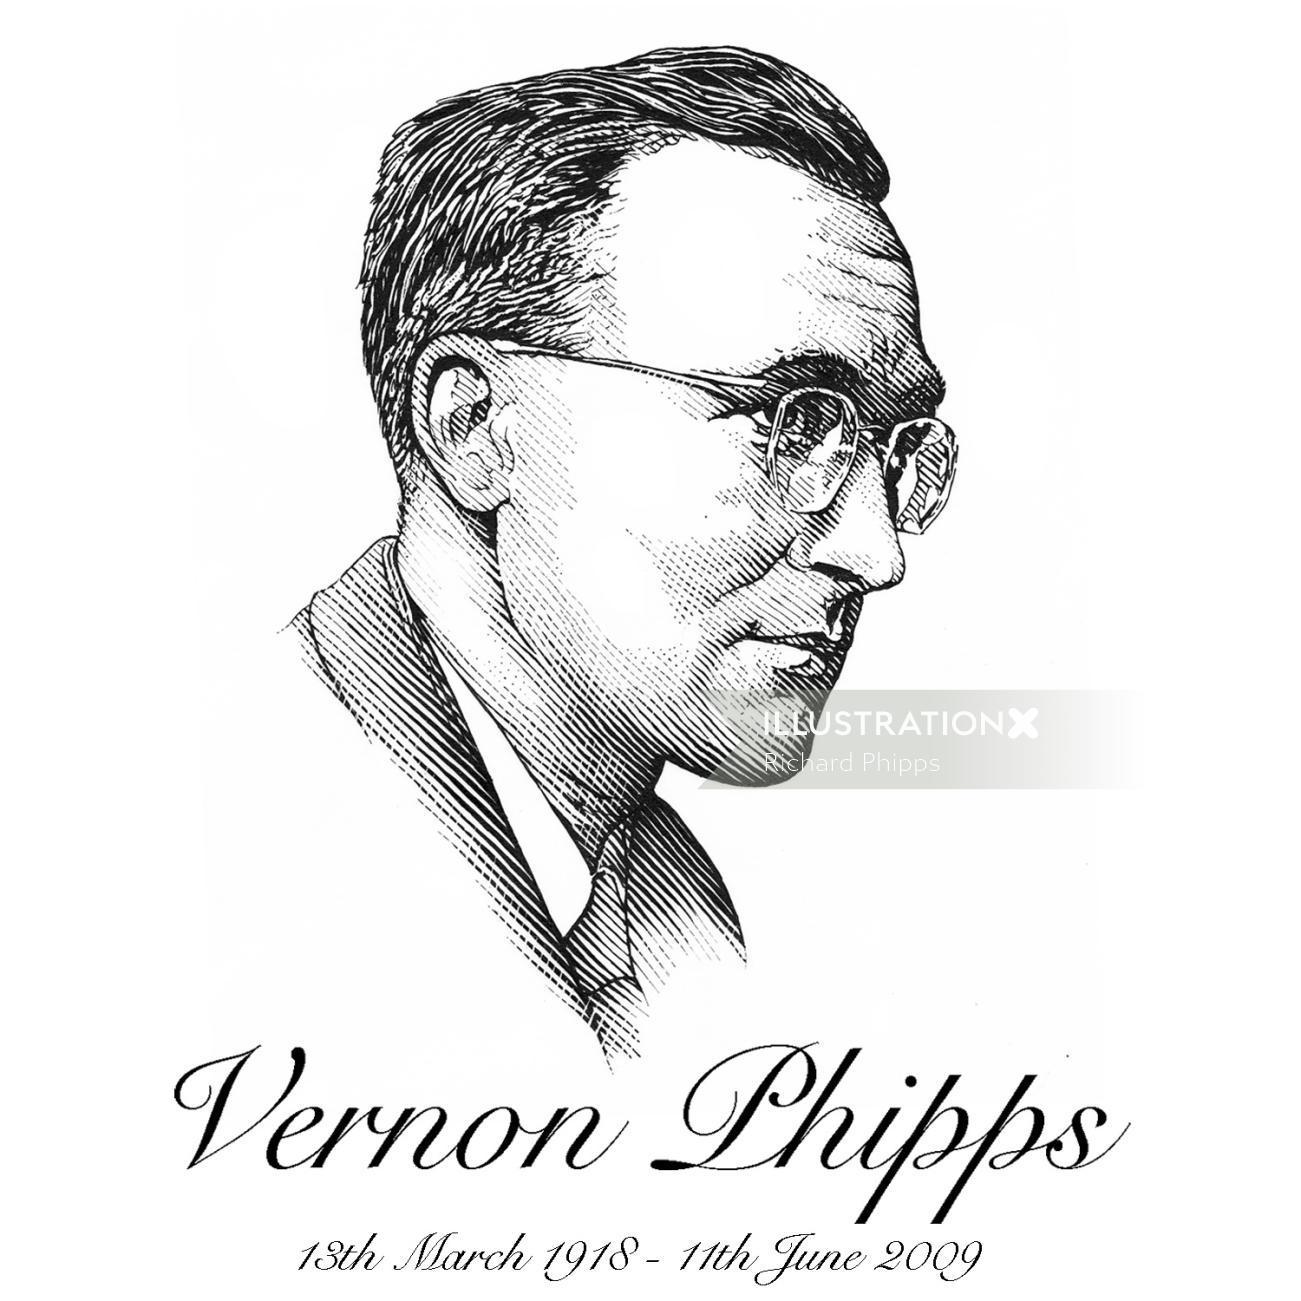 Vernon Phipps People portrait